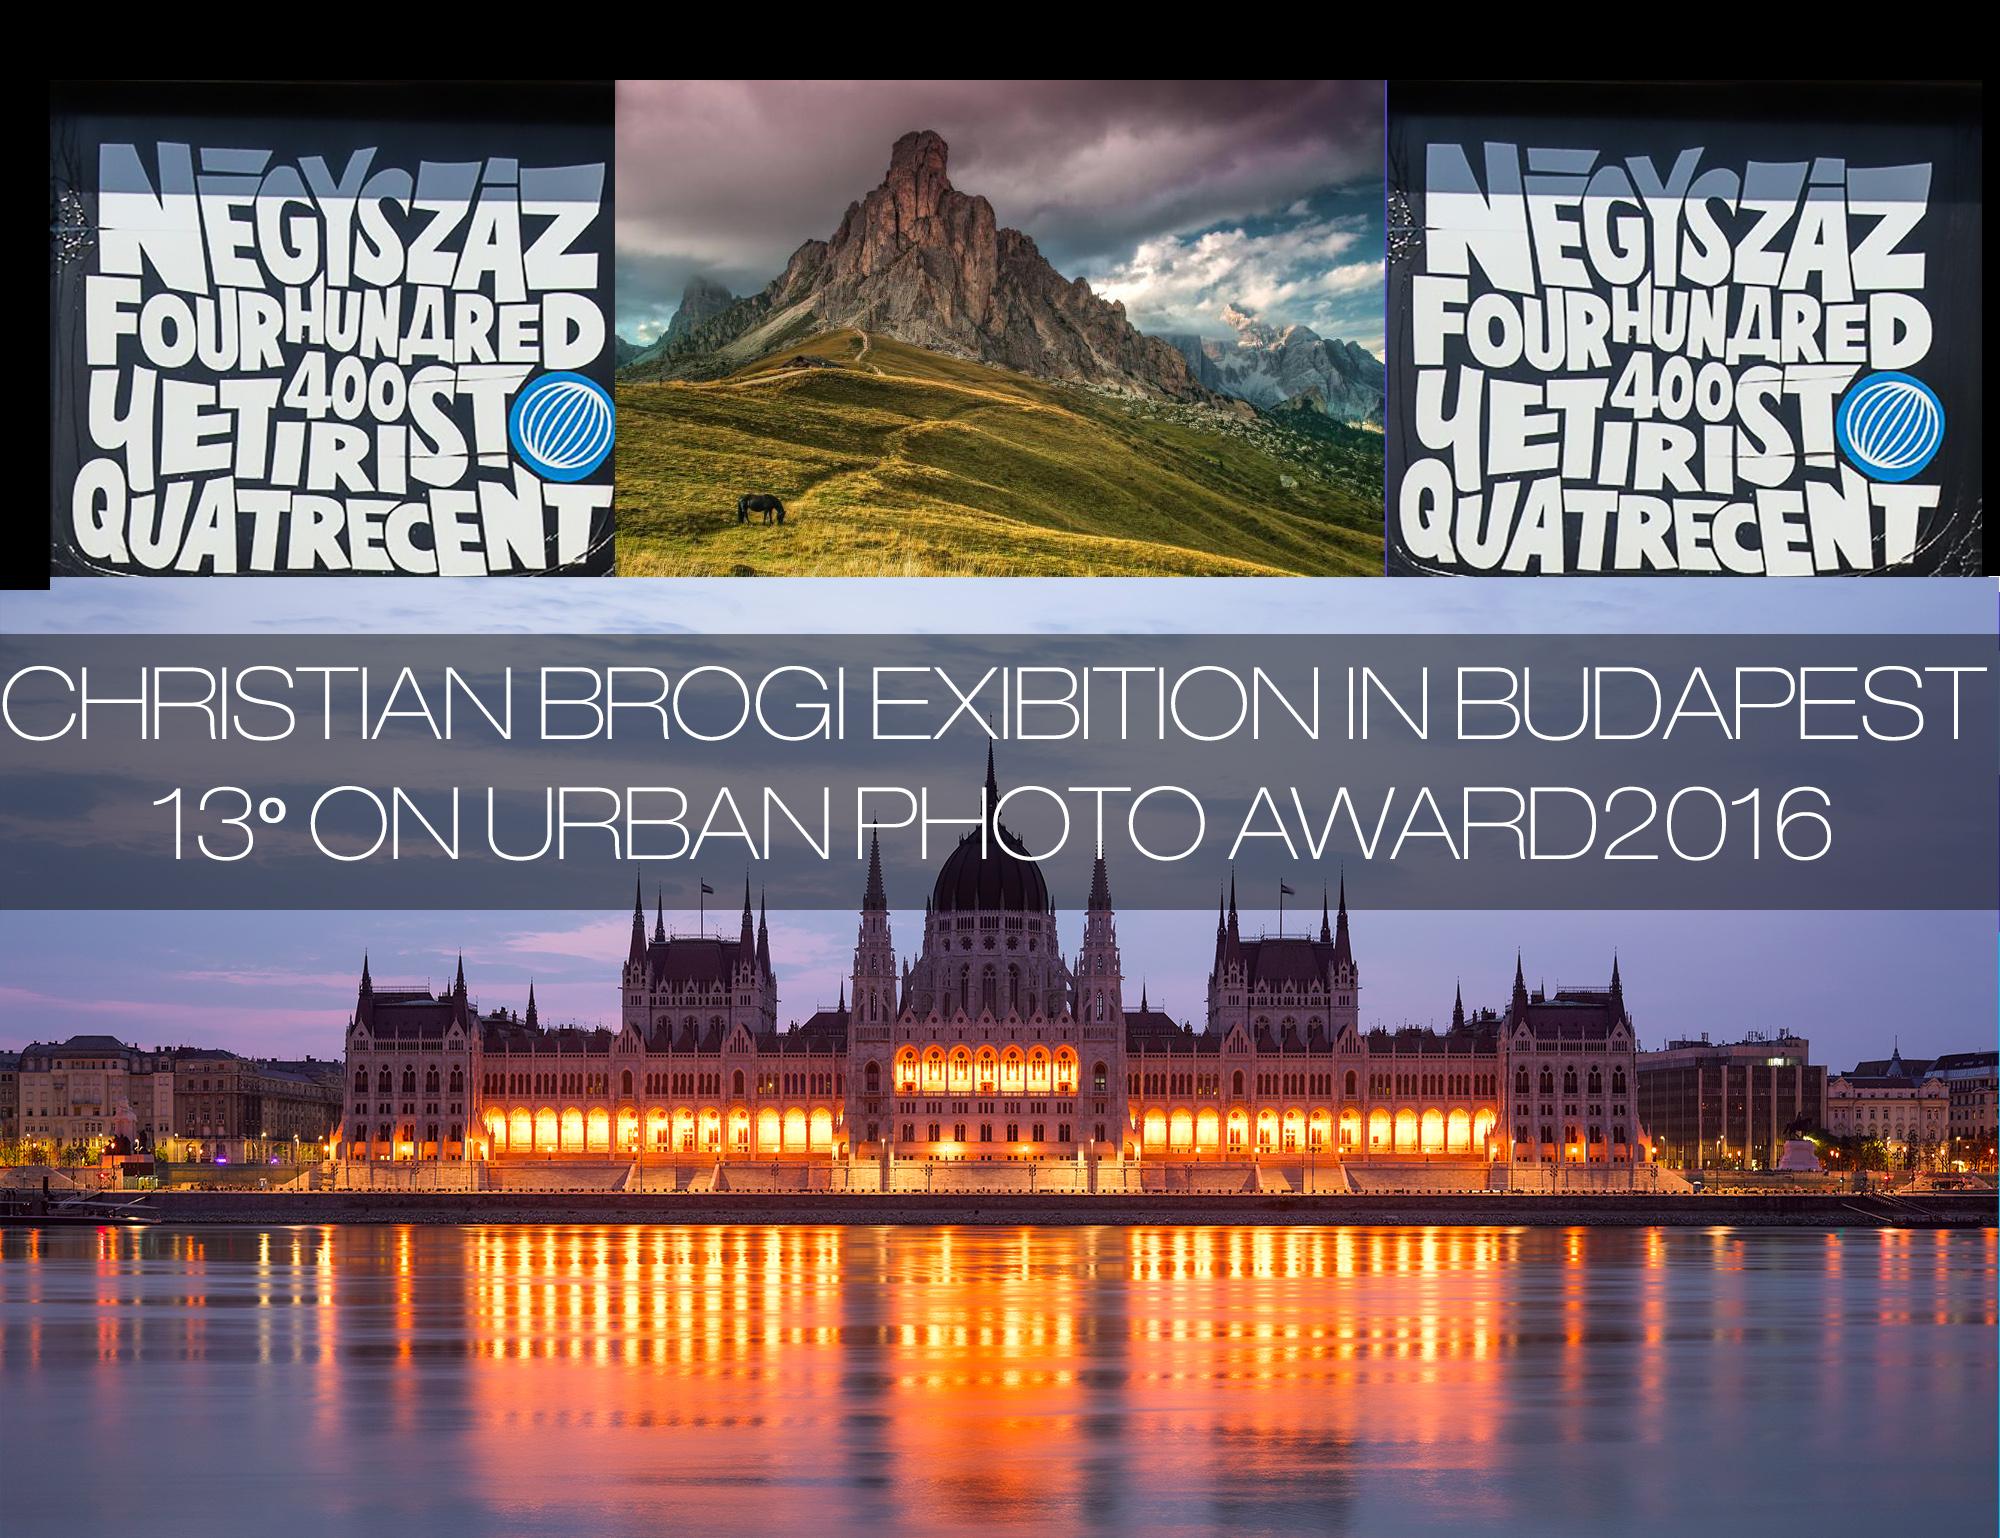 Christian Brogi selezionato 13° per L'Urban Photo Award 2016 con esposizione a Budapest